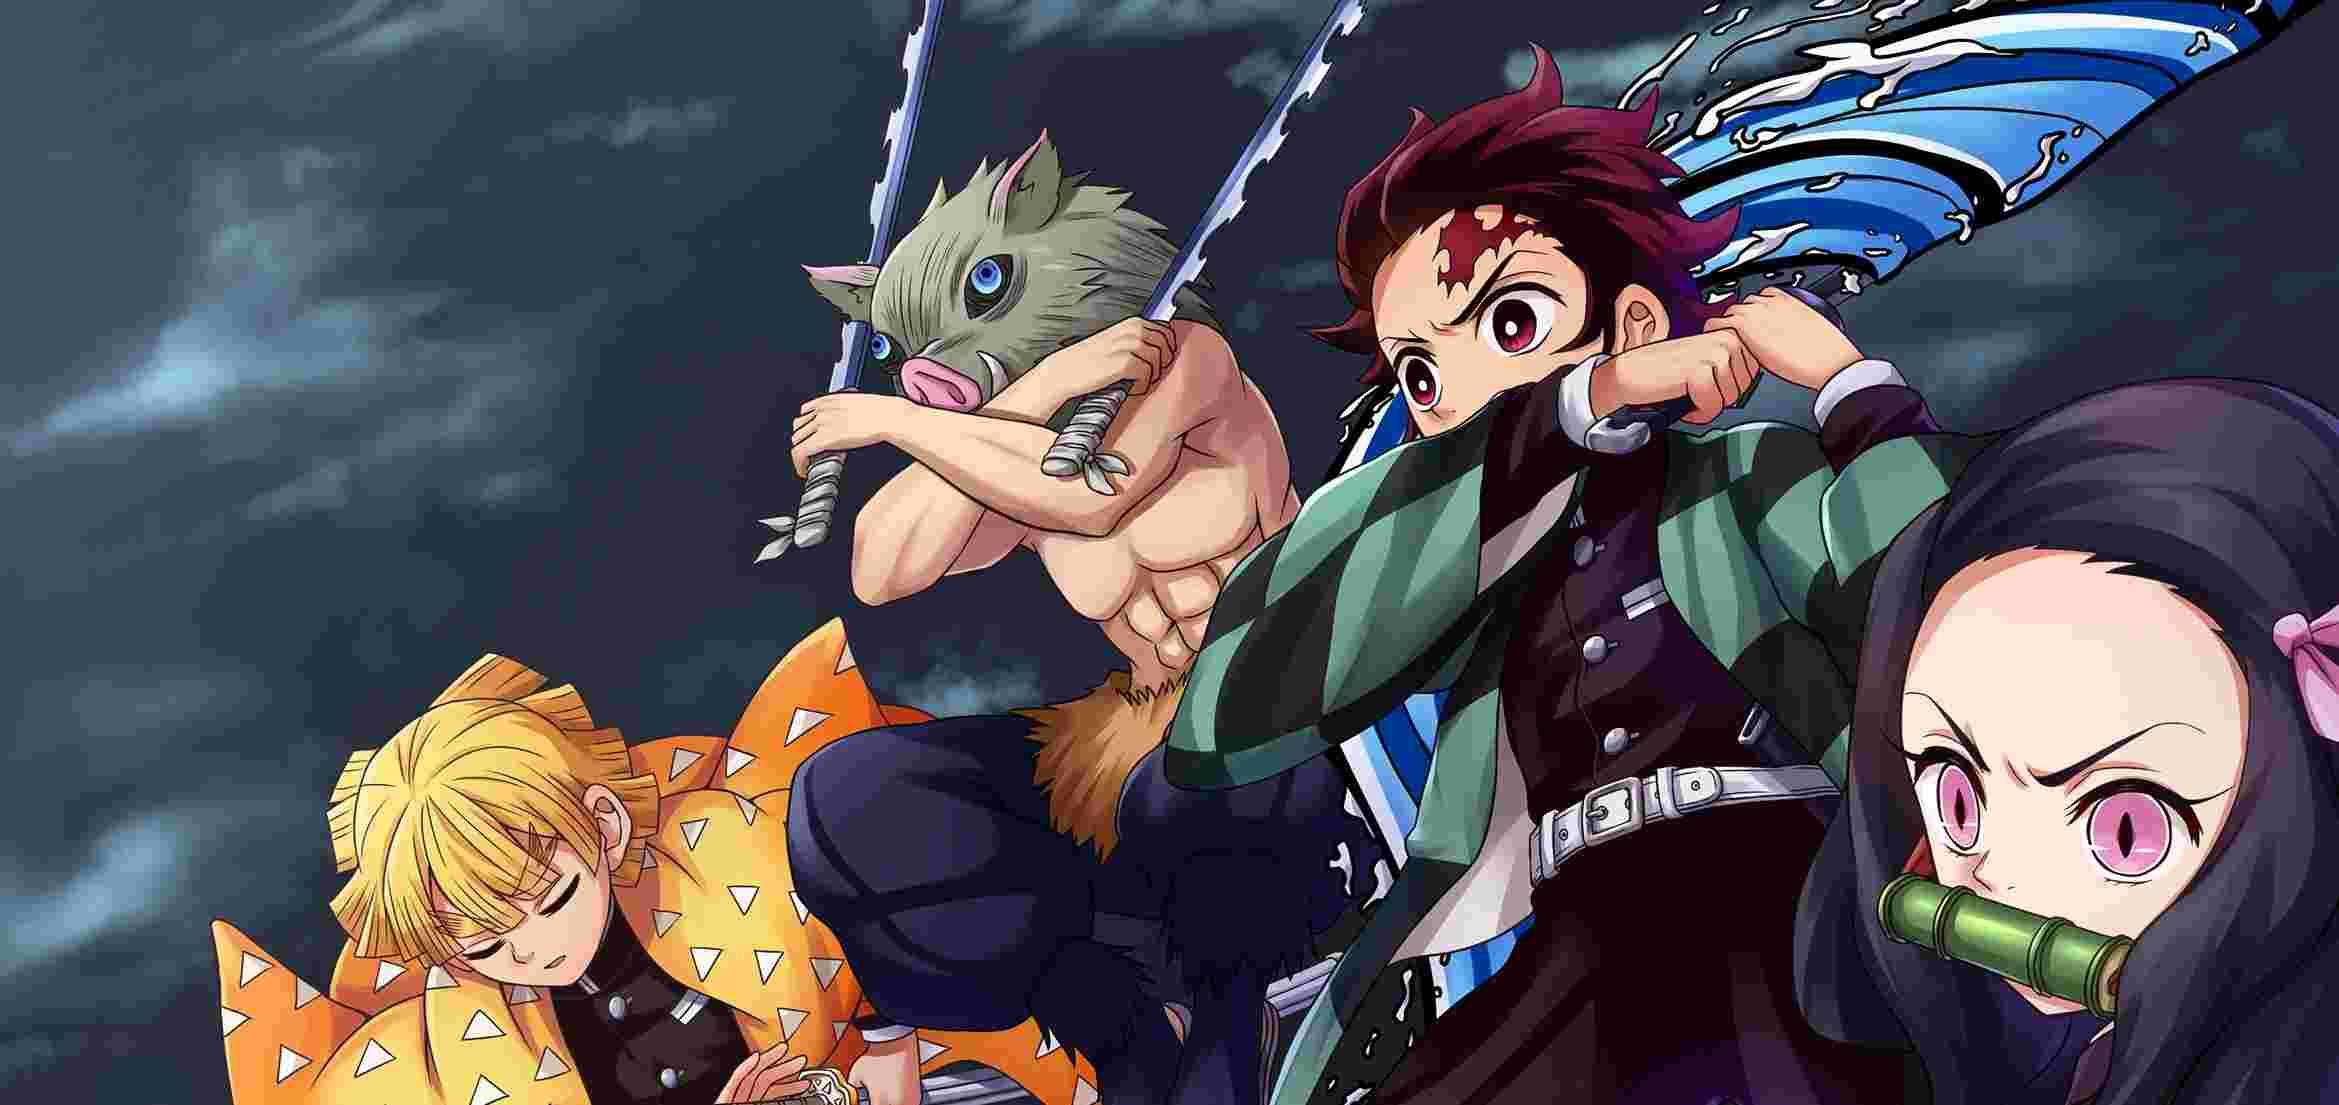 Kimetsu no Yaiba: Demon Slayer